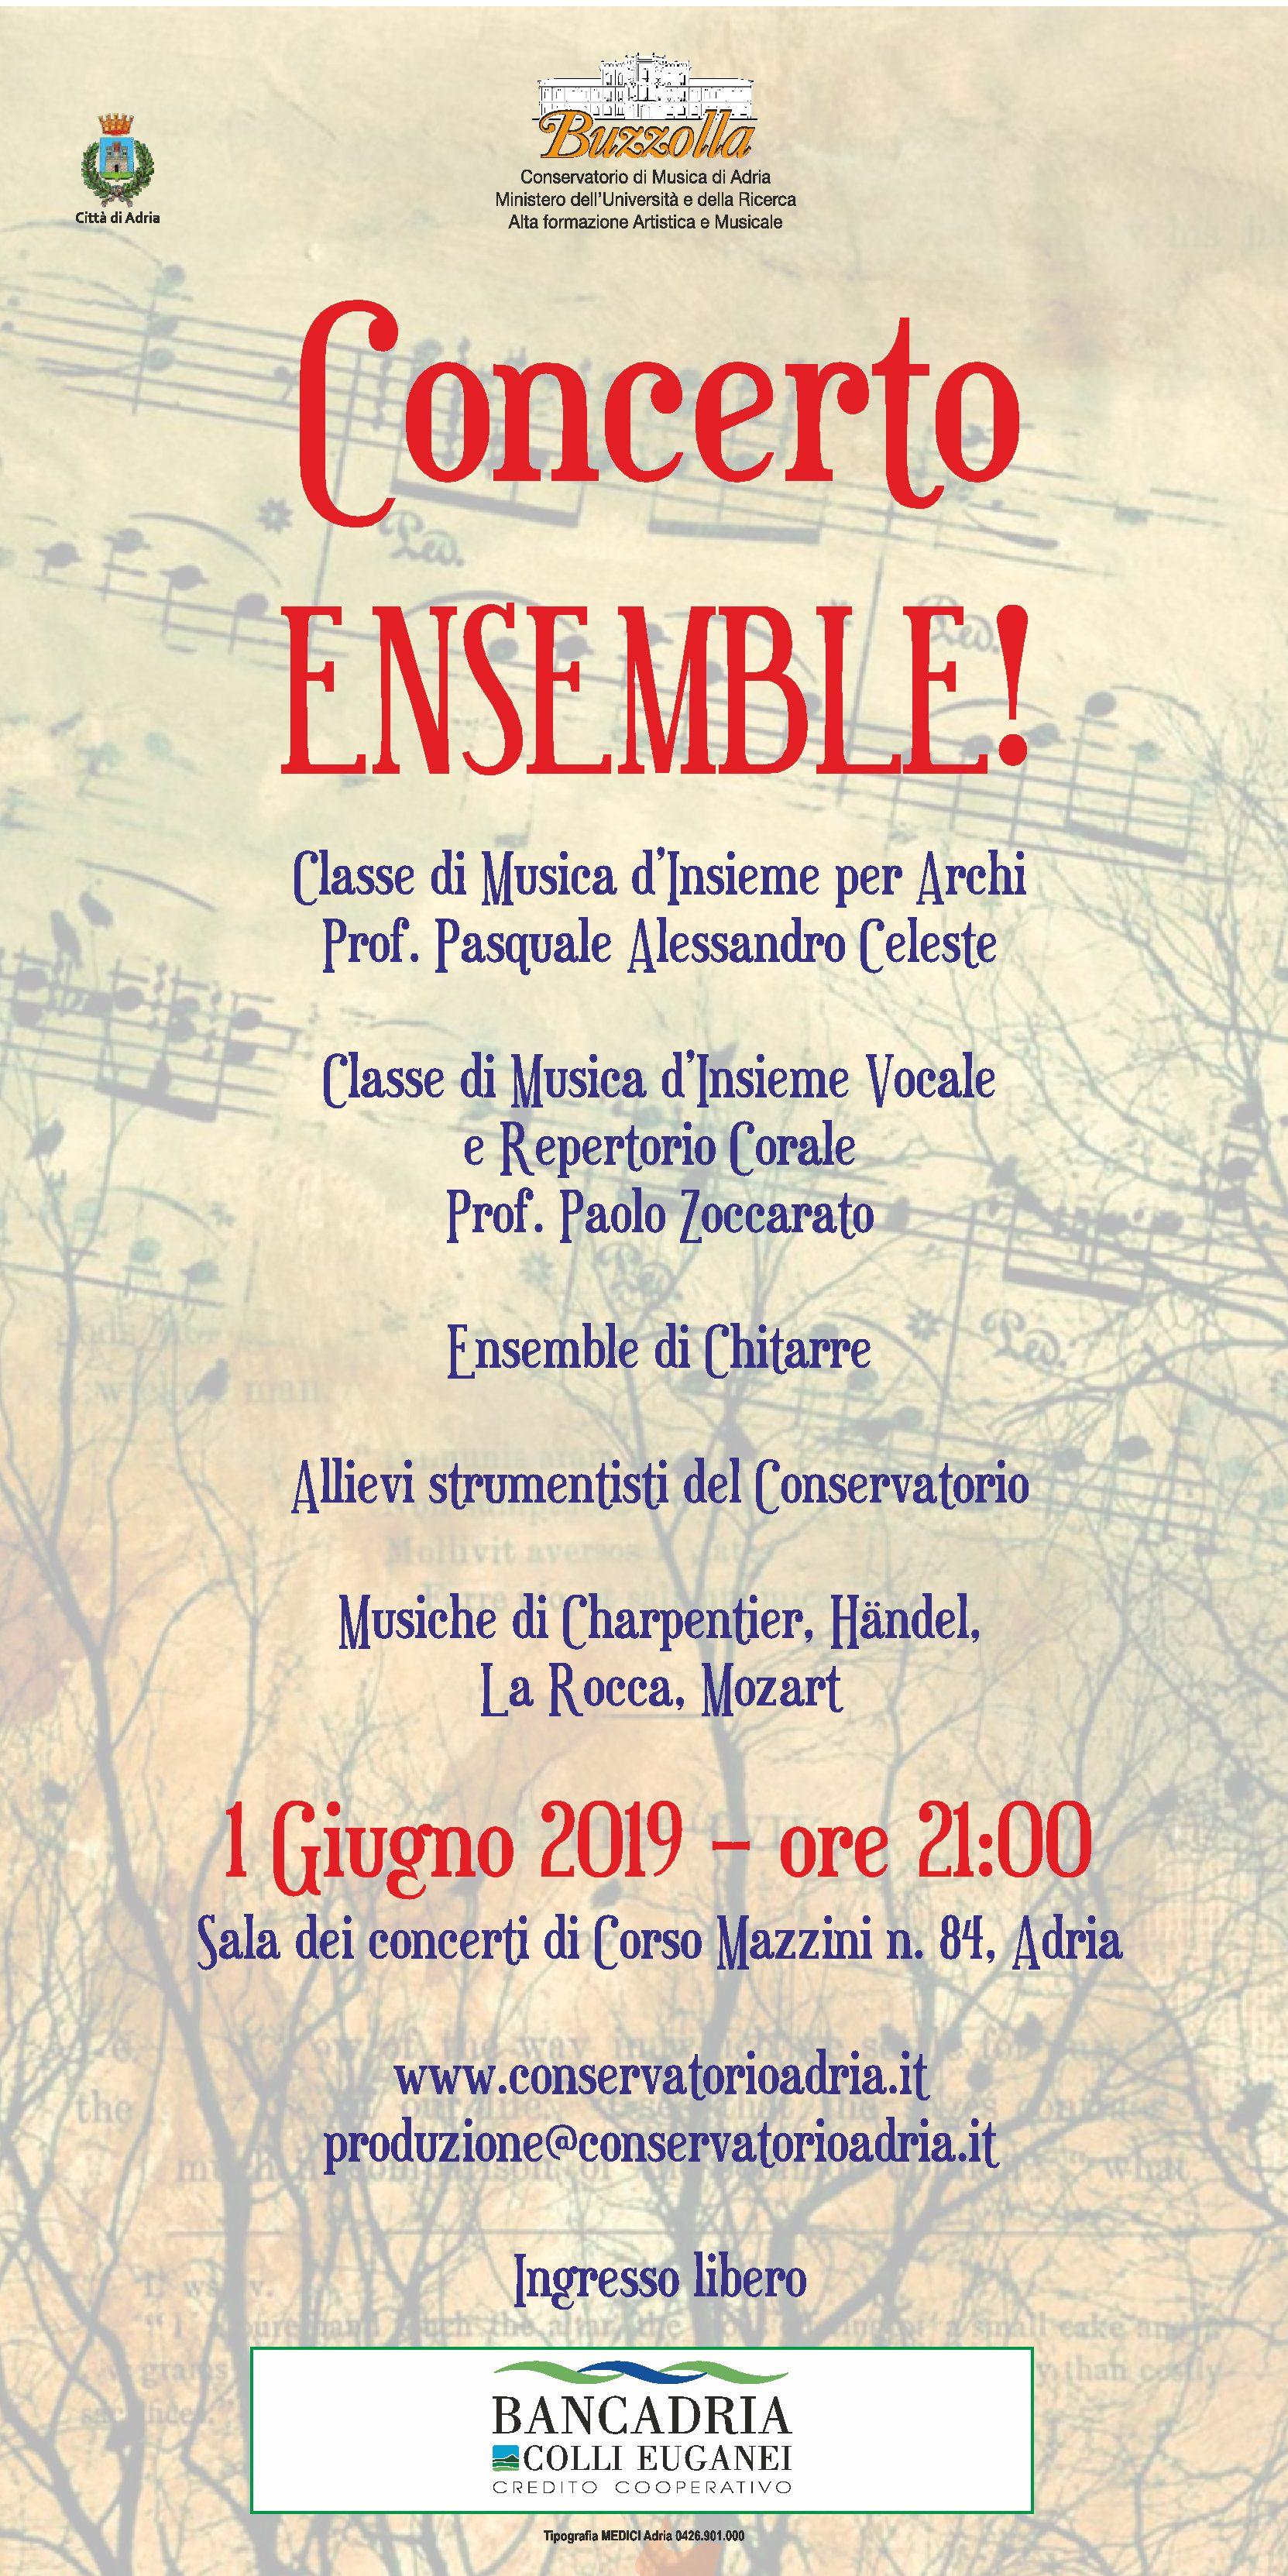 1 giugno 2019 ore 21.00 Concerto ENSEMBLE!